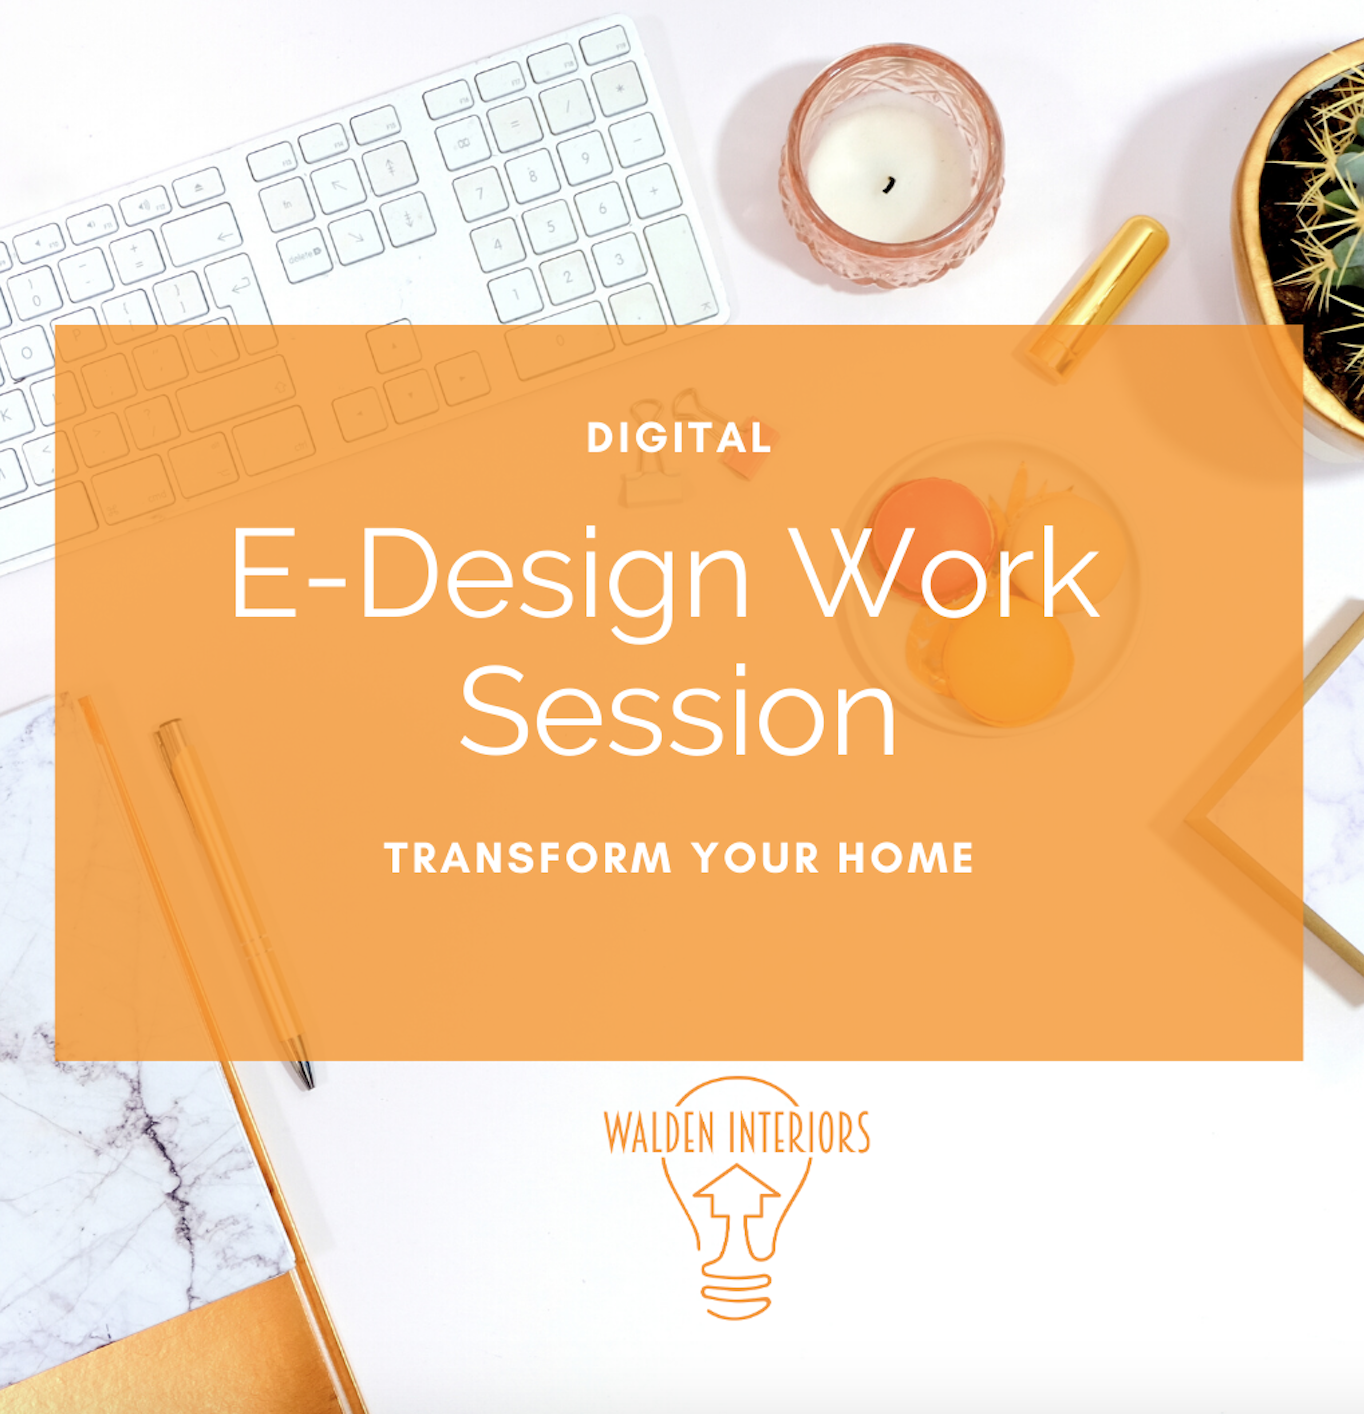 E-Design Work Session